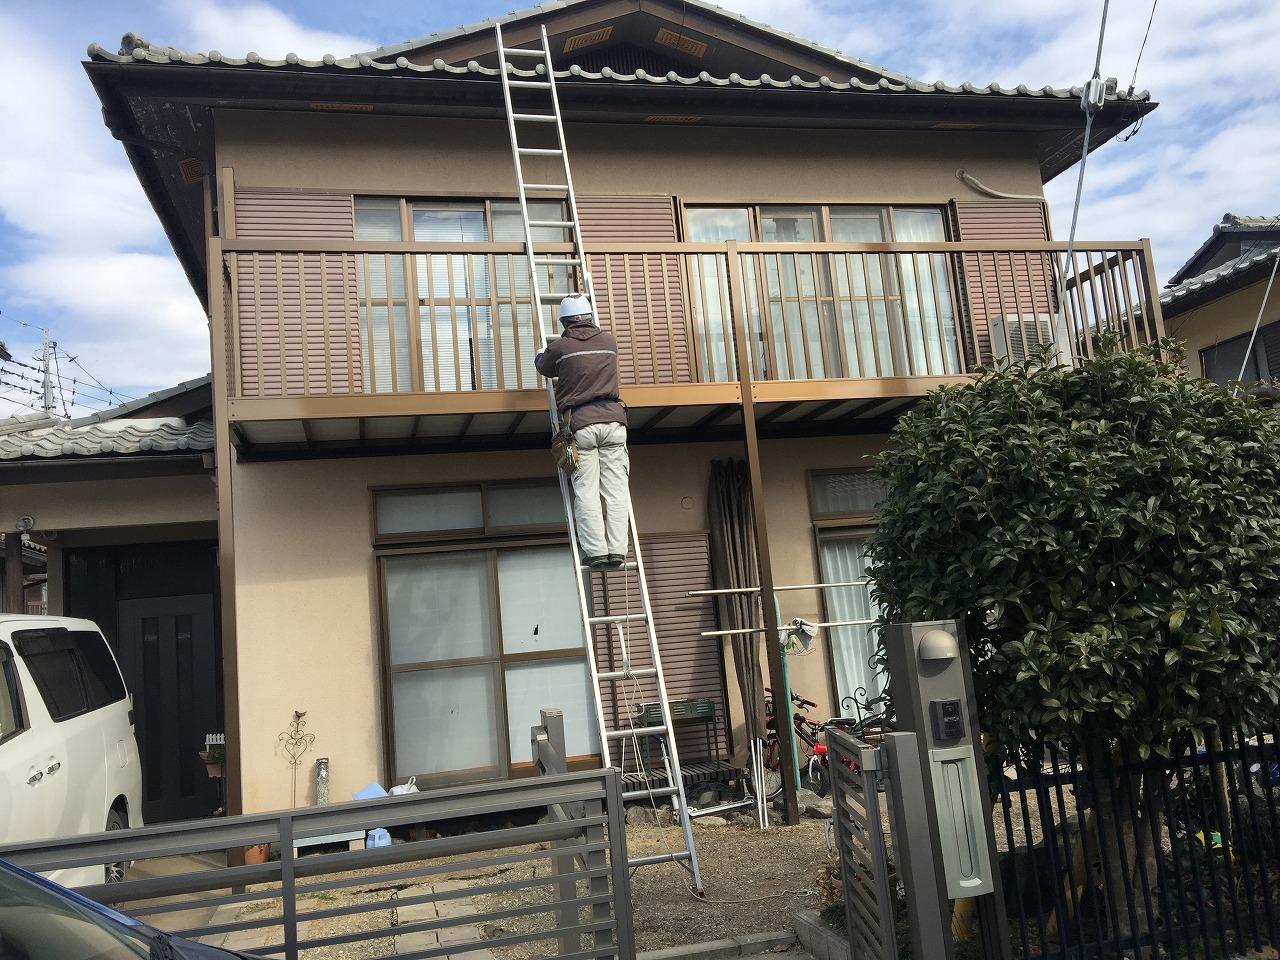 埼玉県川越市で屋根漆喰・外壁調査・塗装の下塗り重要性のご説明